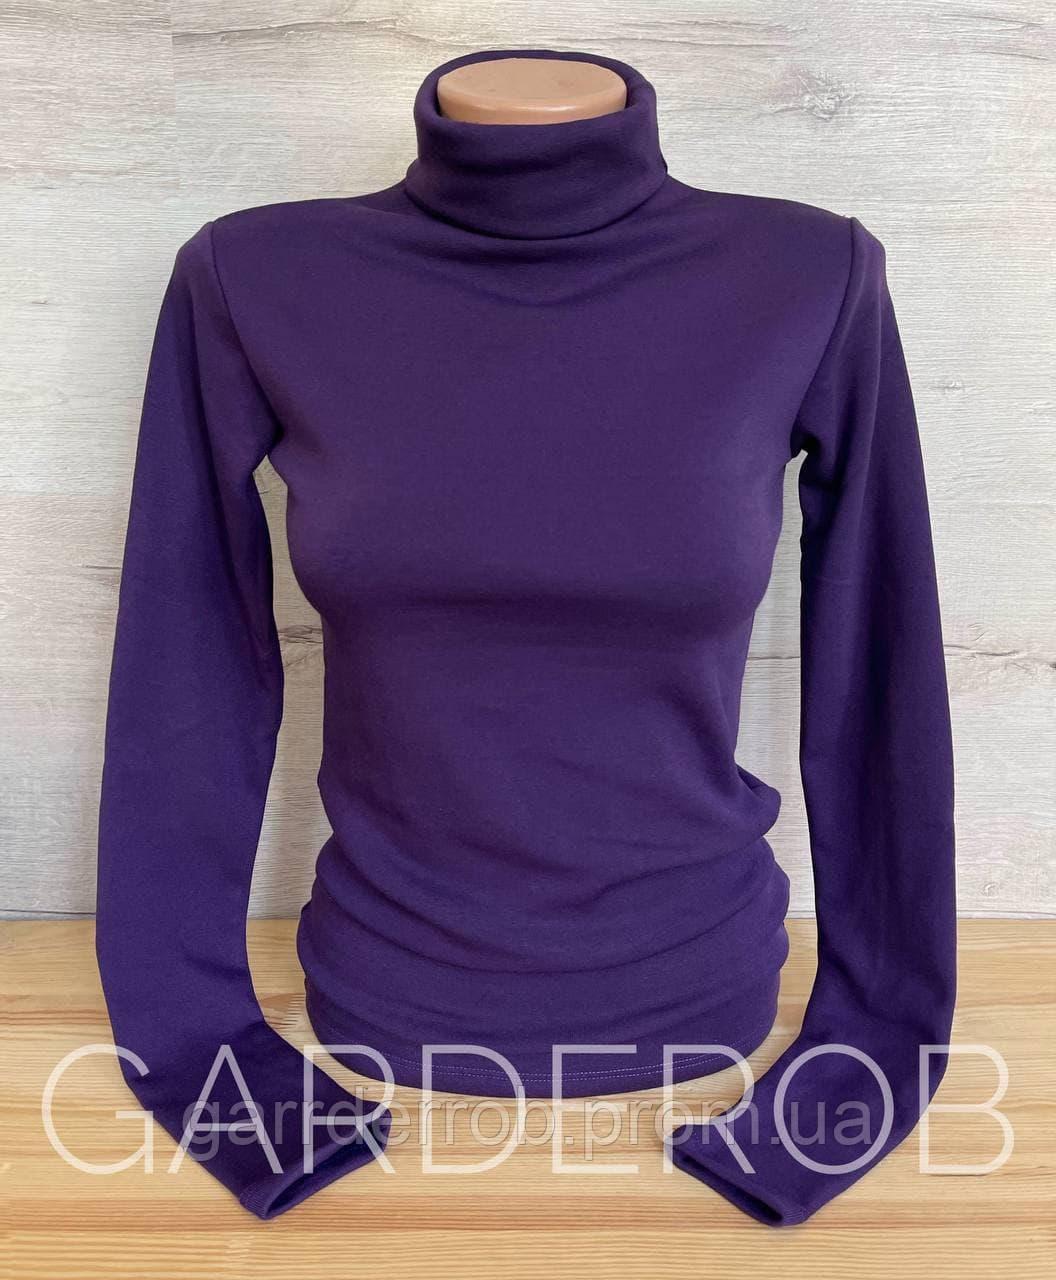 Тёплый женский гольф / водолазка на флисе, XS-S (40-42-44) Фиолет